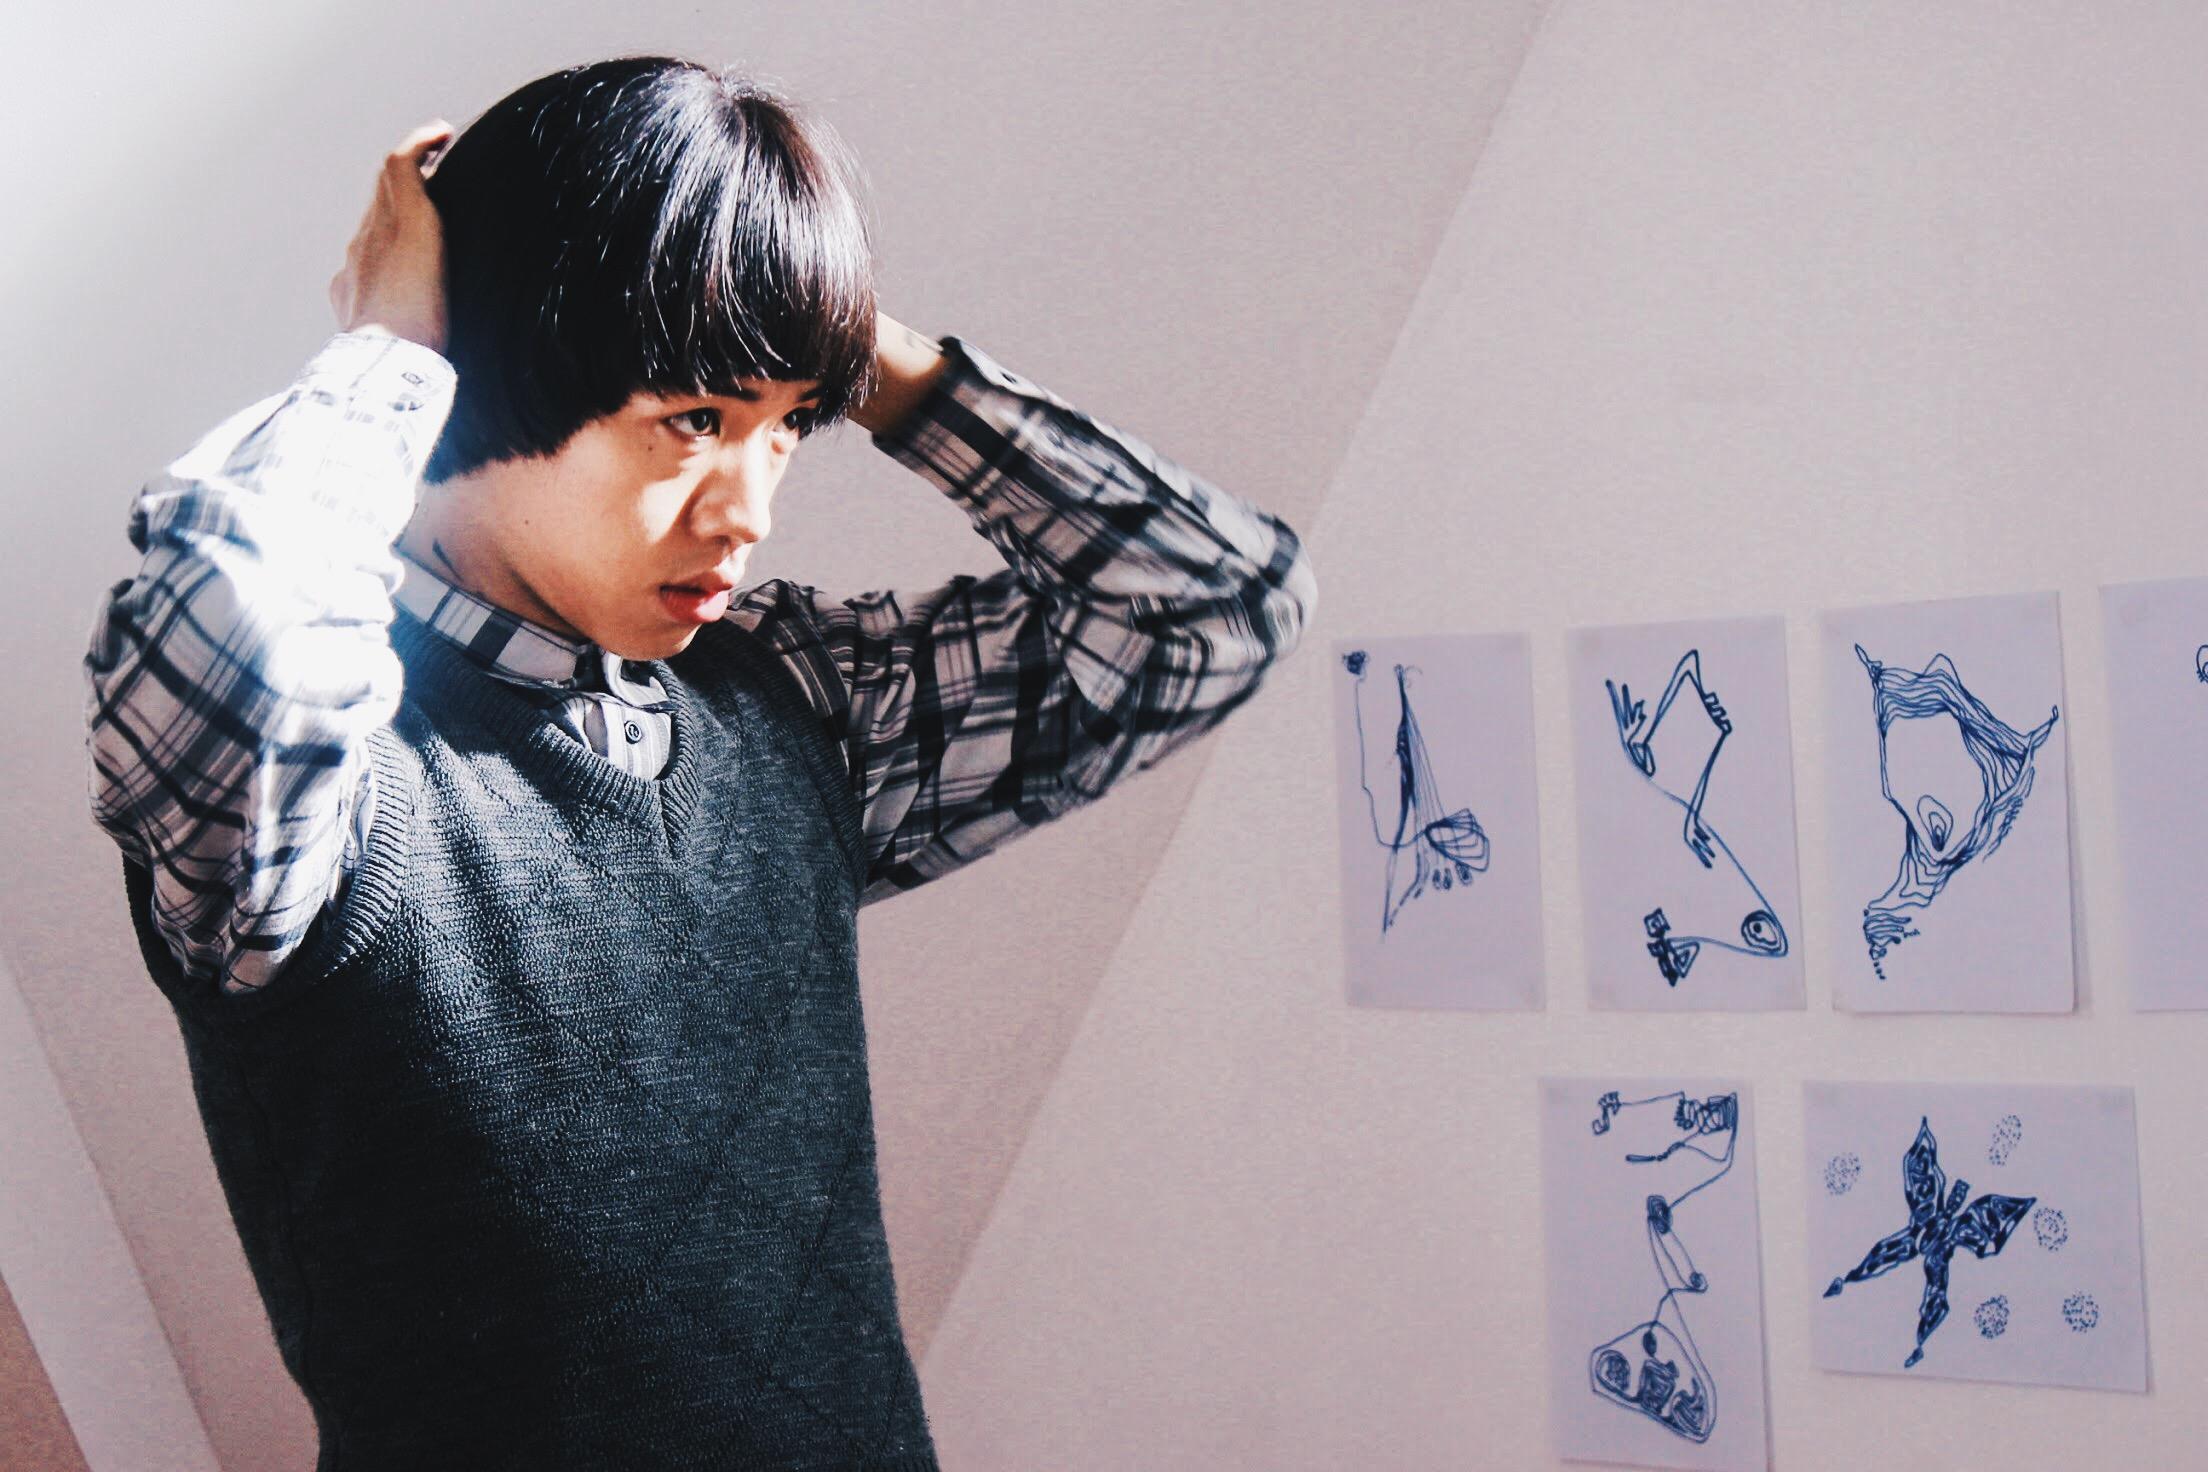 Vào vai nhân vật chính, Wean Lê khiến khán giả thích thú với hai tạo hình hoàn toàn trái ngược.Đầu tiên là một cậu ấm nhà giàu ngây ngô, có phần nhút nhát và khờ khạo.